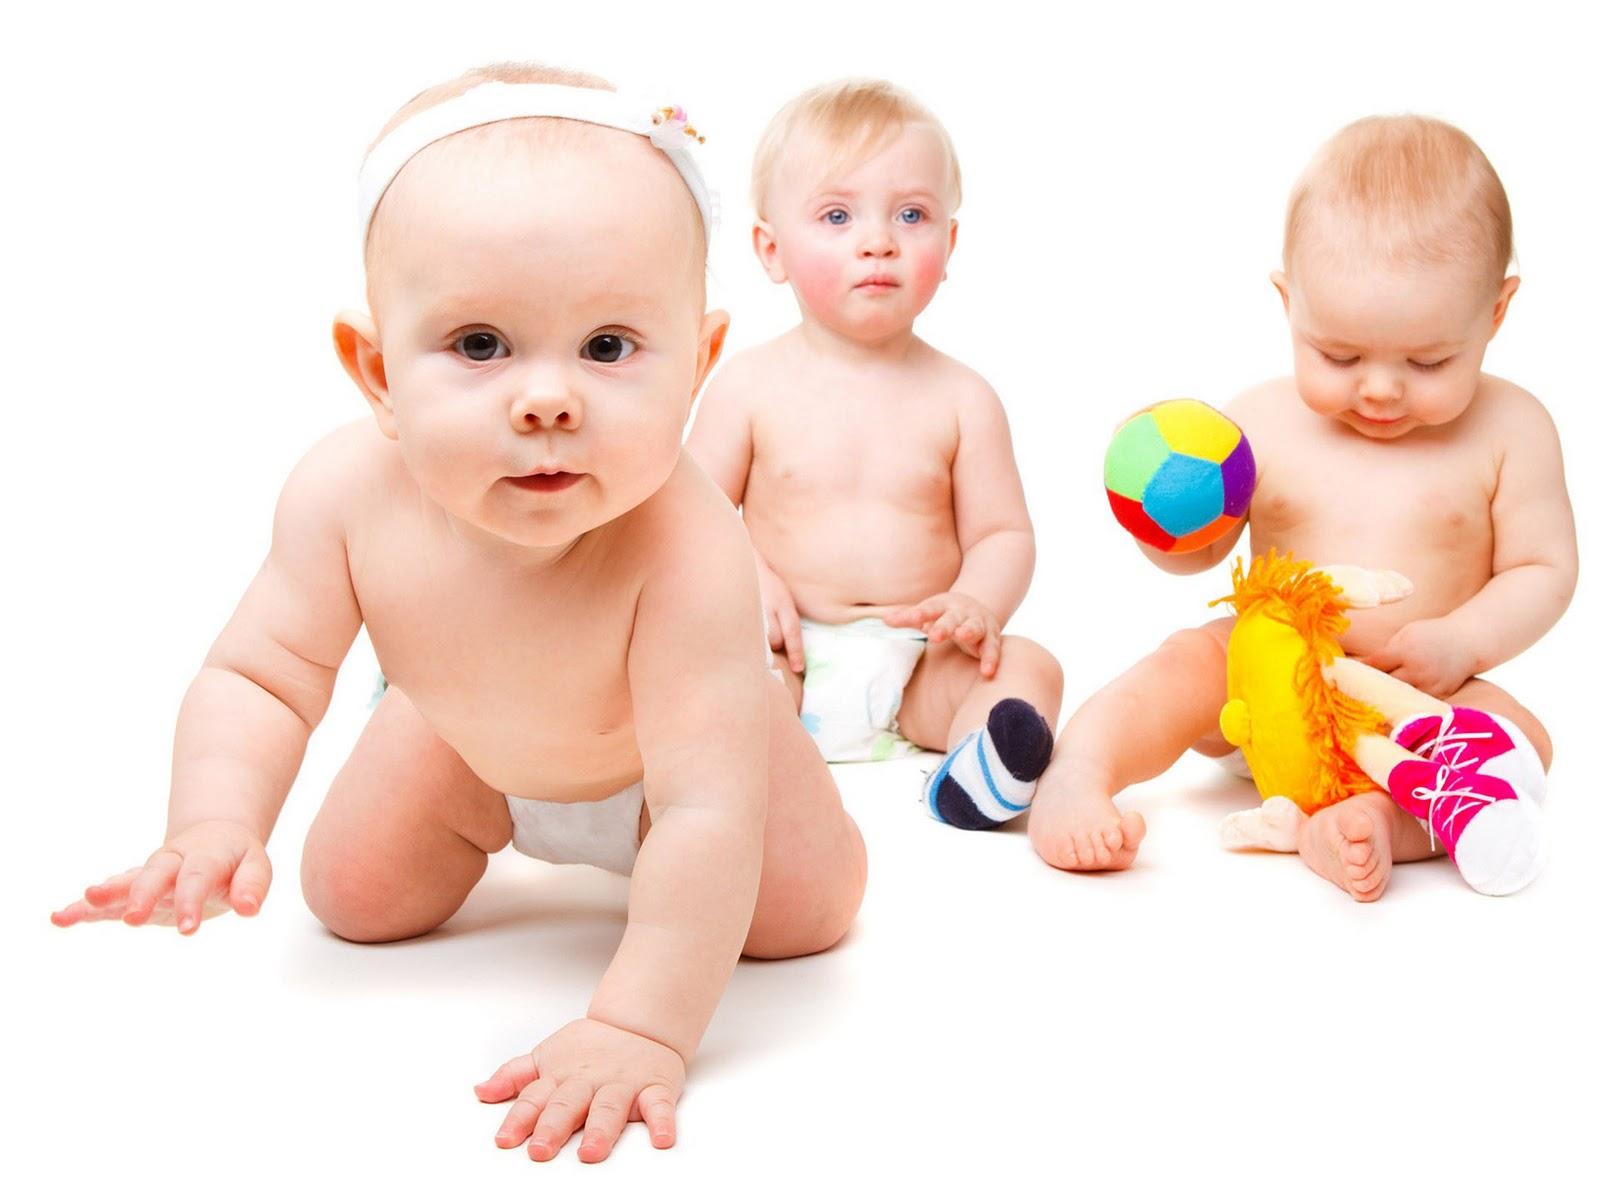 como brincar com o bebe 1 - 30 dicas para tirar a chupeta